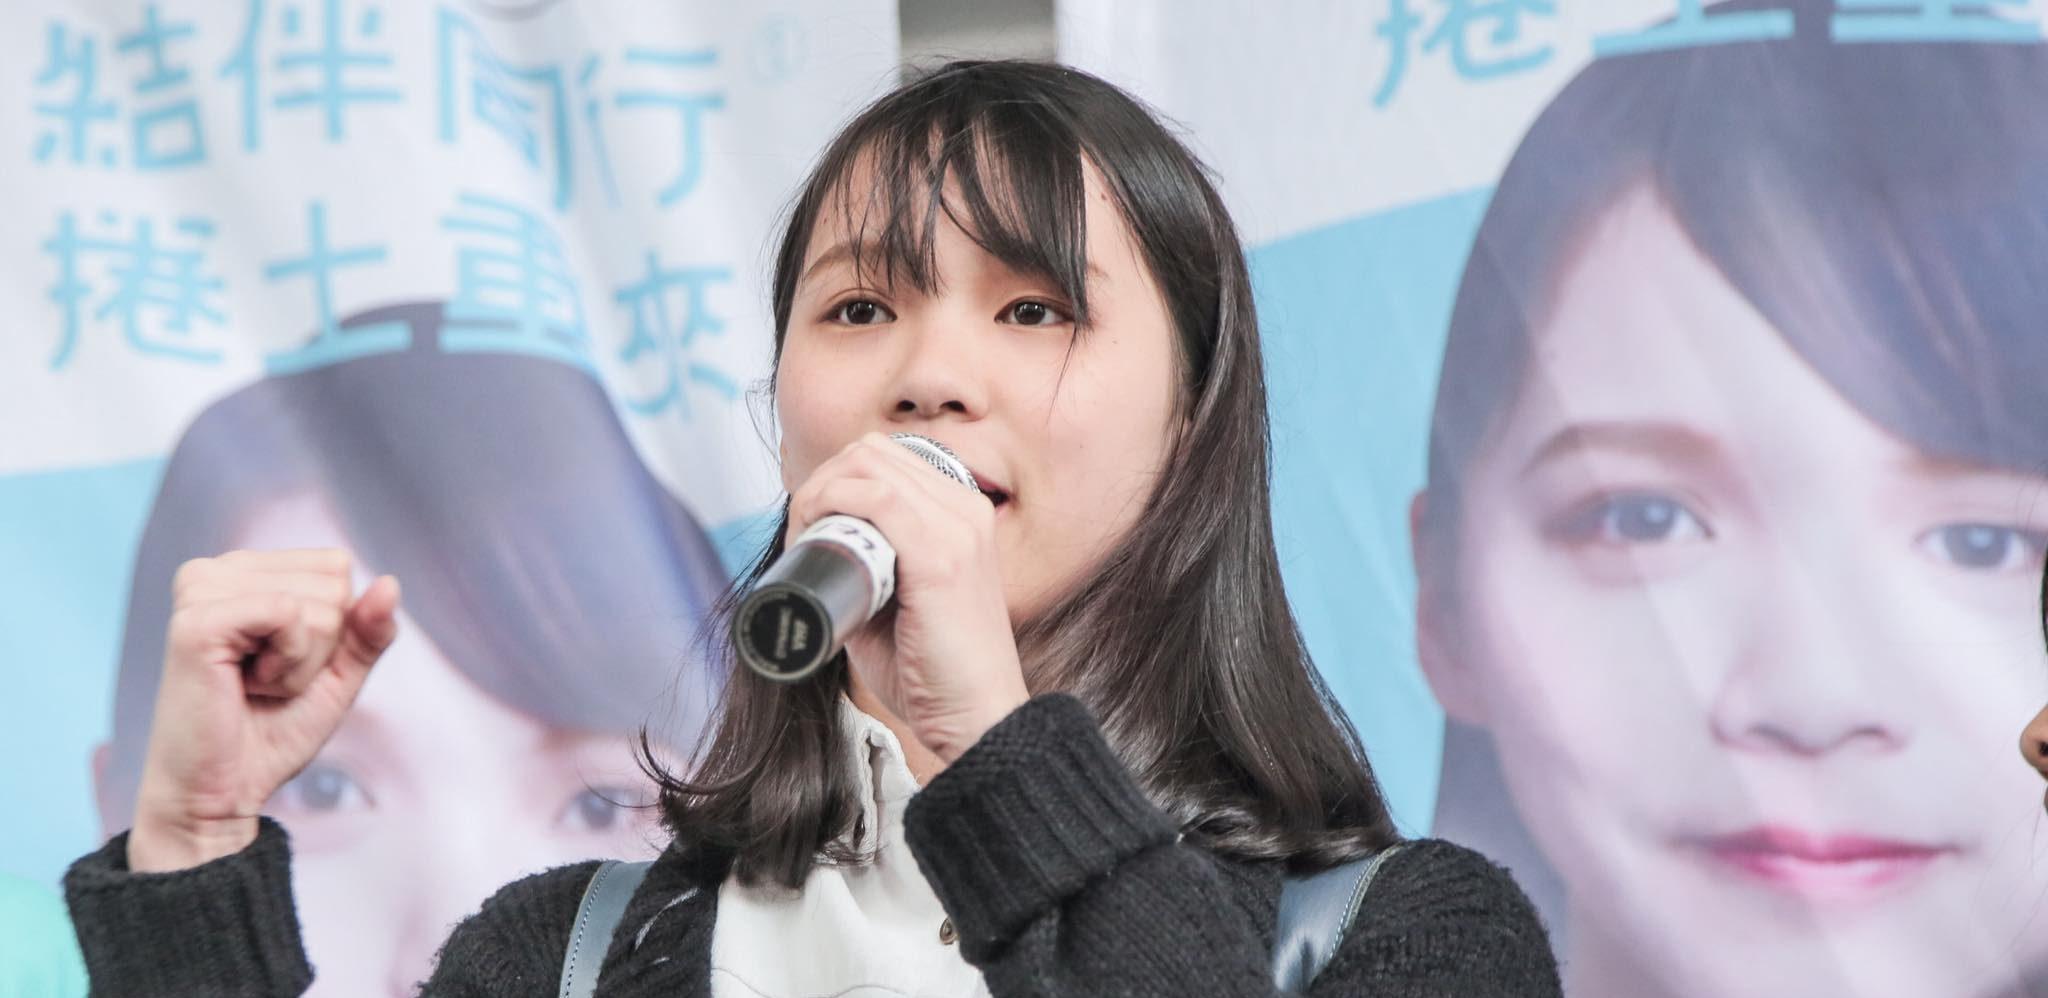 La militante hongkongaise pro-démocrate Agnes Chow lors de la campagne pour les élections législatives partielles de mars 2018. (Crédit : Facebook officiel Agnes Chow)